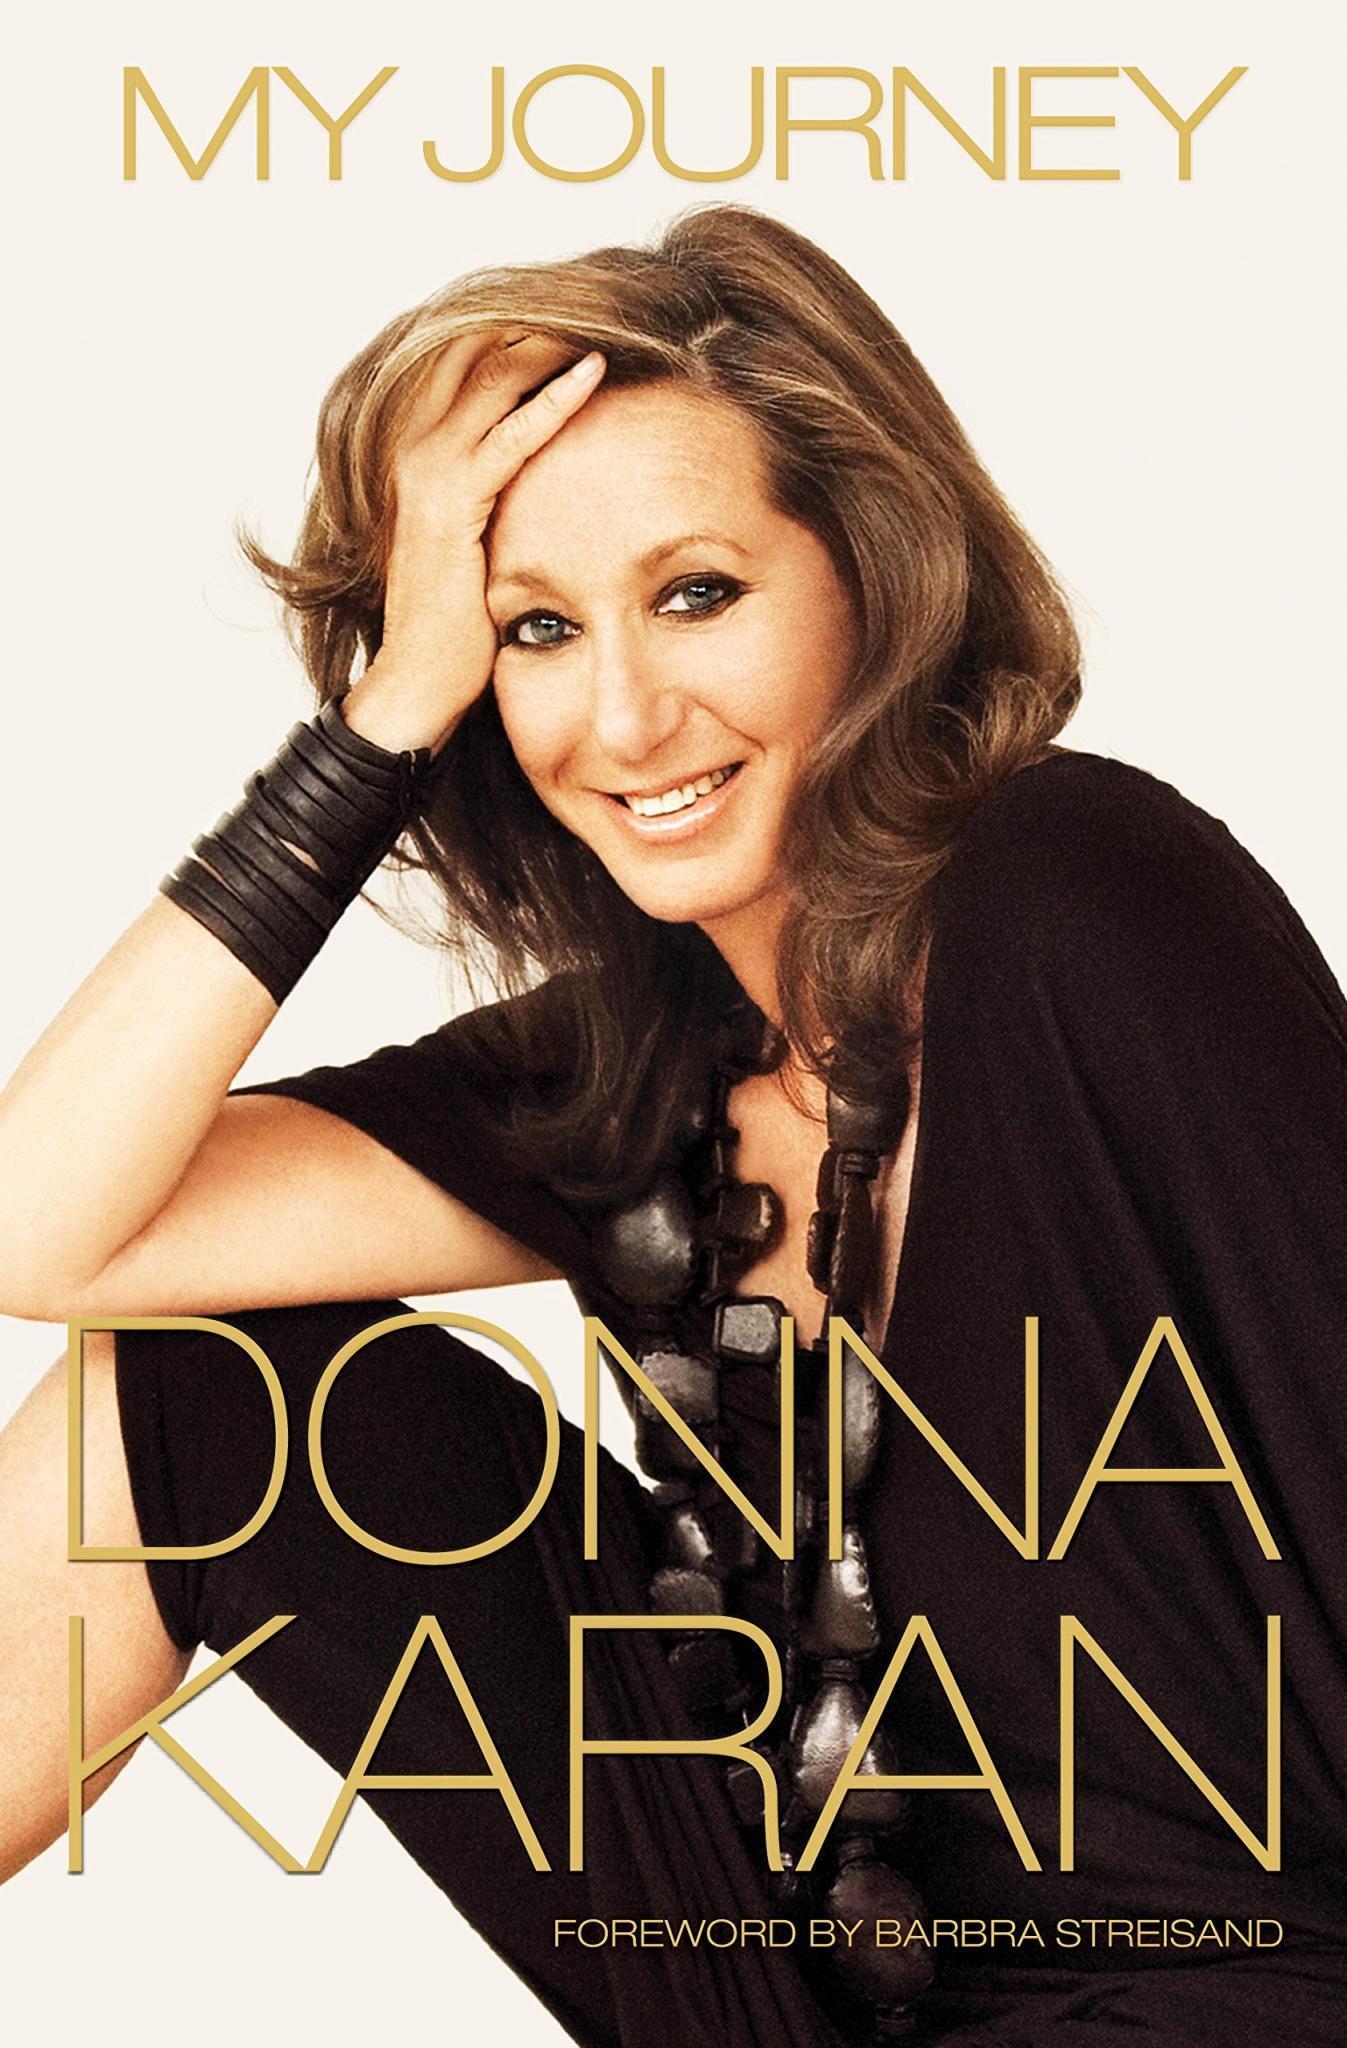 """In ihrer """"My Journey"""" lässt Karan ihr Leben Revue passieren. Anders als viele Celebritys verschweigt sie die dunklen Momente nicht (auf Englisch, Ballantine Books, 384 S., 19,95 Euro)."""